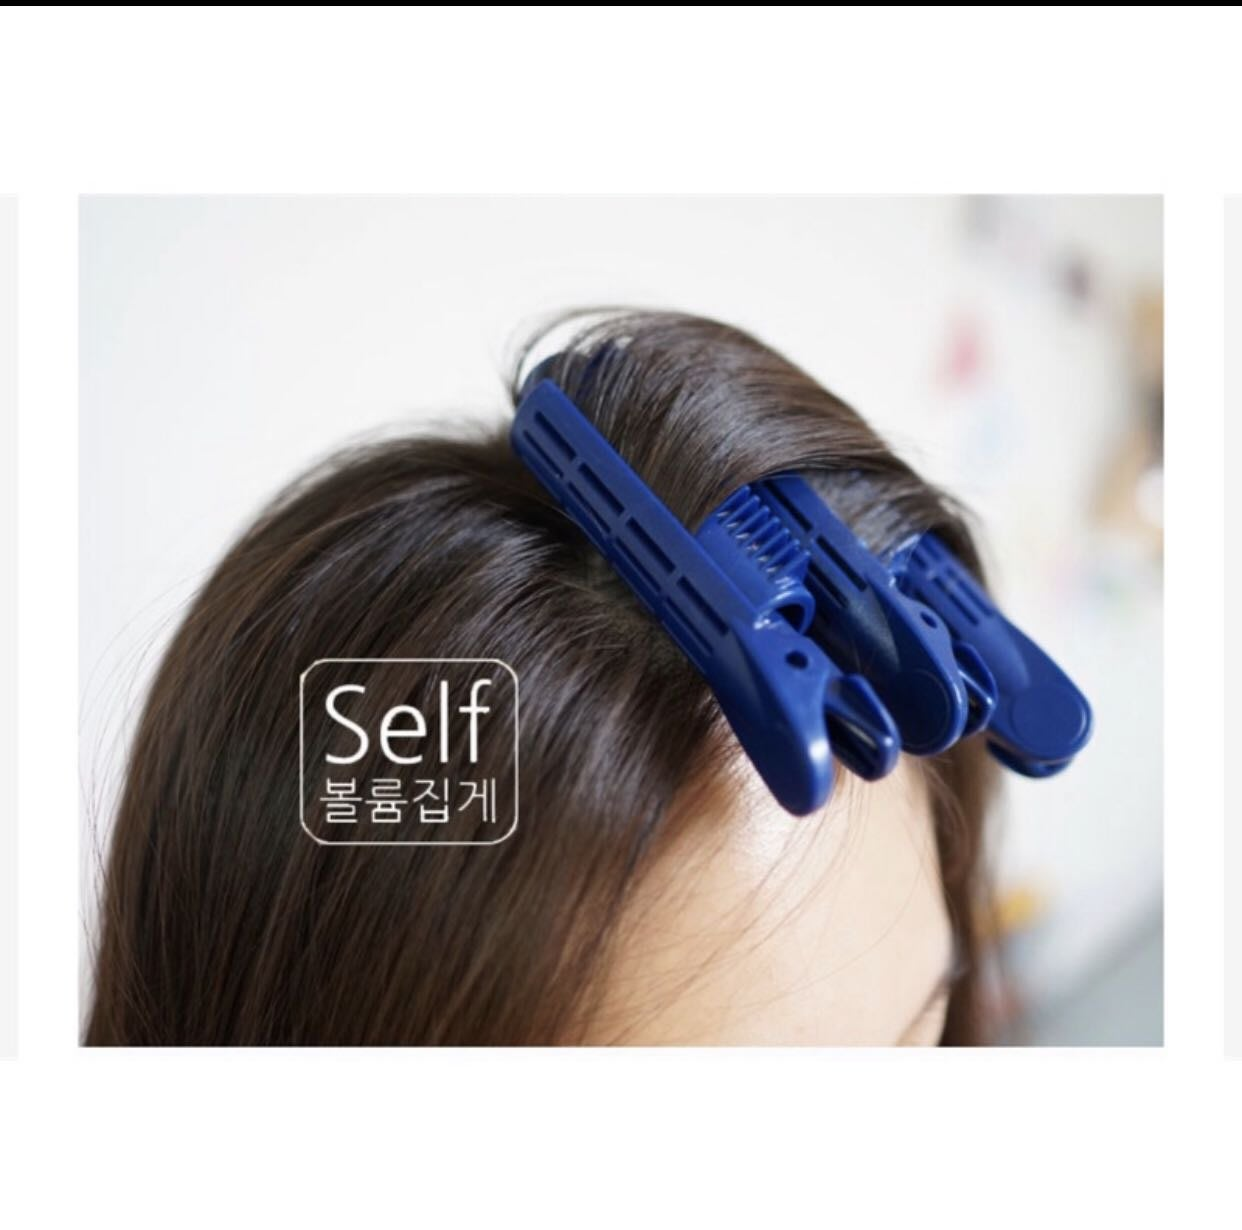 韓國進口~SELF 髮根蓬鬆夾,蓬鬆捲髮,單支組